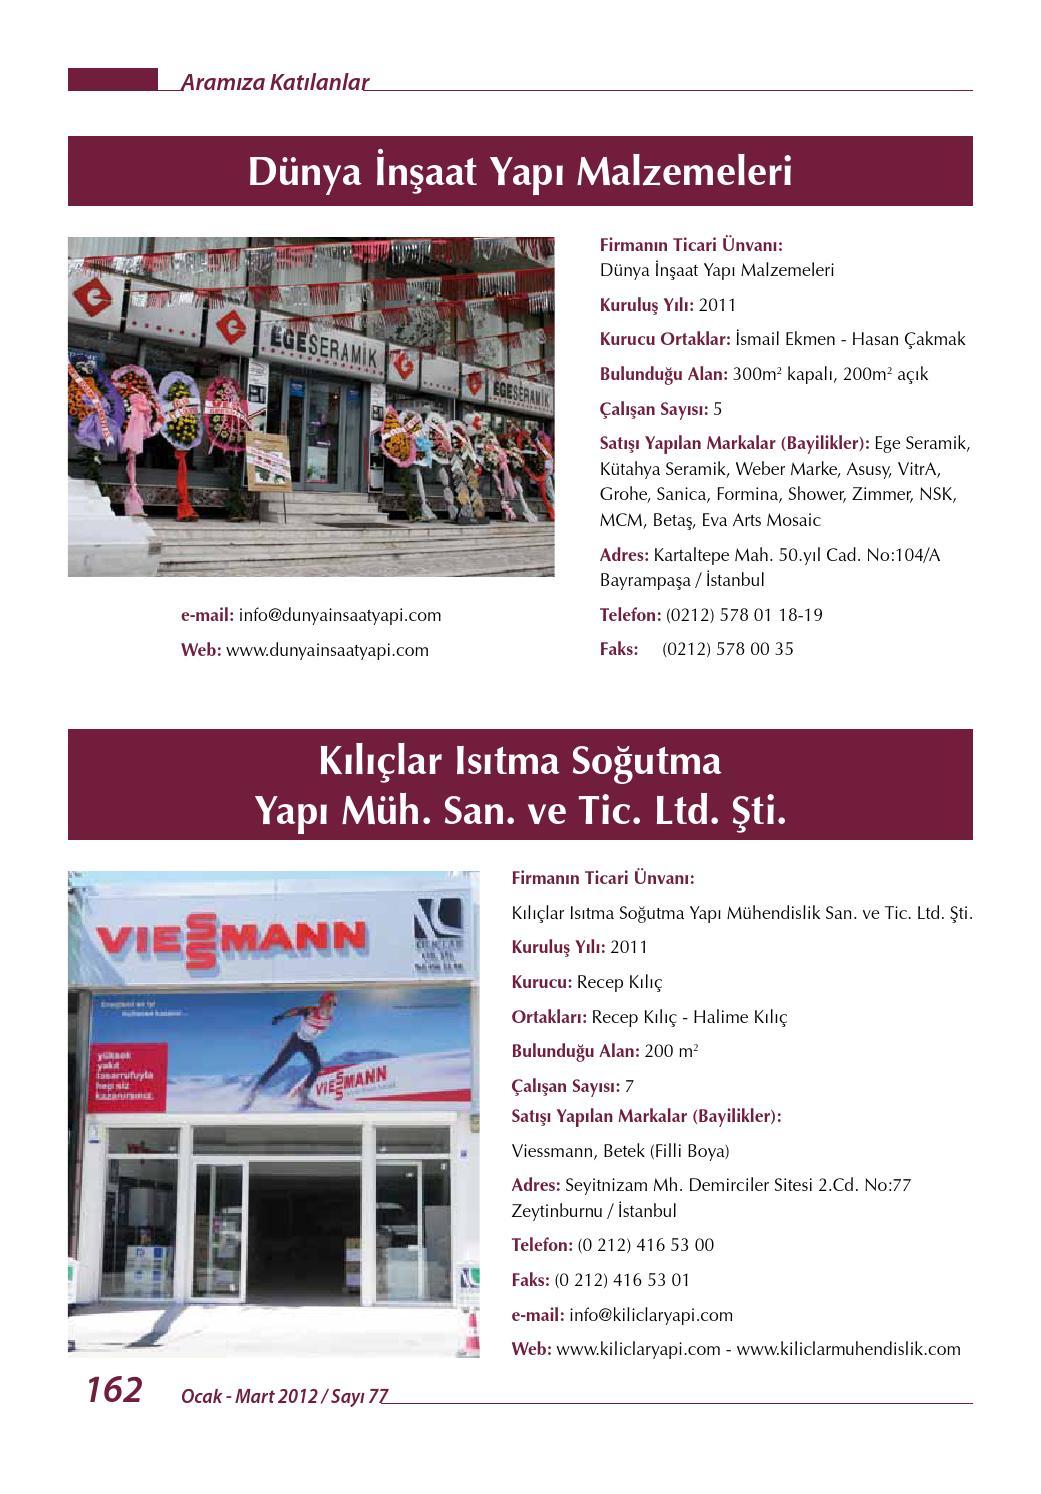 Timder Dergisi 77 Sayı By Timder Tesisat Inşÿaat Malzemecileri